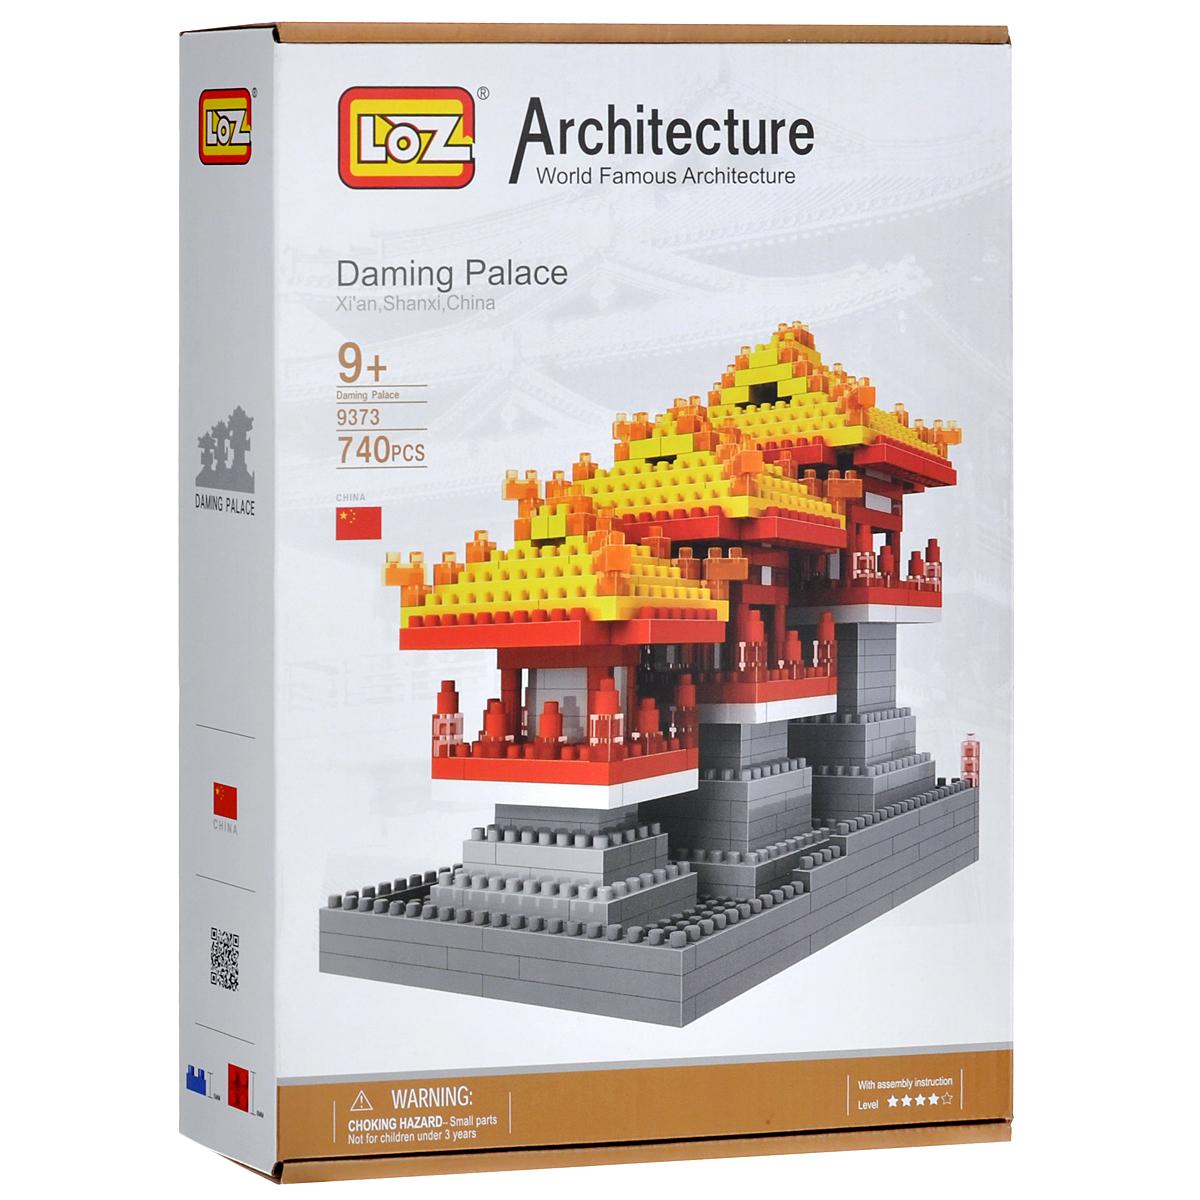 Loztoys Конструктор Дворец Дамин9373Конструктор-макет Дворец Дамин - прекрасный способ провести время увлекательно и с пользой. Комплект включает в себя 740 элементов, из которых вы и ваш ребенок сможете собрать модель дворца, который находится в Китае. Для сборки модели клей и ножницы не понадобятся. Элементы оснащены пазами для легкого соединения. В комплект входит схематичная инструкция по сборке. Дворец Дамин был основным королевским дворцом династии Тан (618 – 907 гг.) Археологи, начиная с 50-х гг. прошлого века провели масштабную работу, и теперь многочисленные туристы со всего мира могут полюбоваться полноразмерными и миниатюрными копиями зданий старинного дворца, увидеть представления из жизни императорской династии Тан и узнать о жизни Поднебесной времен раннего средневековья.